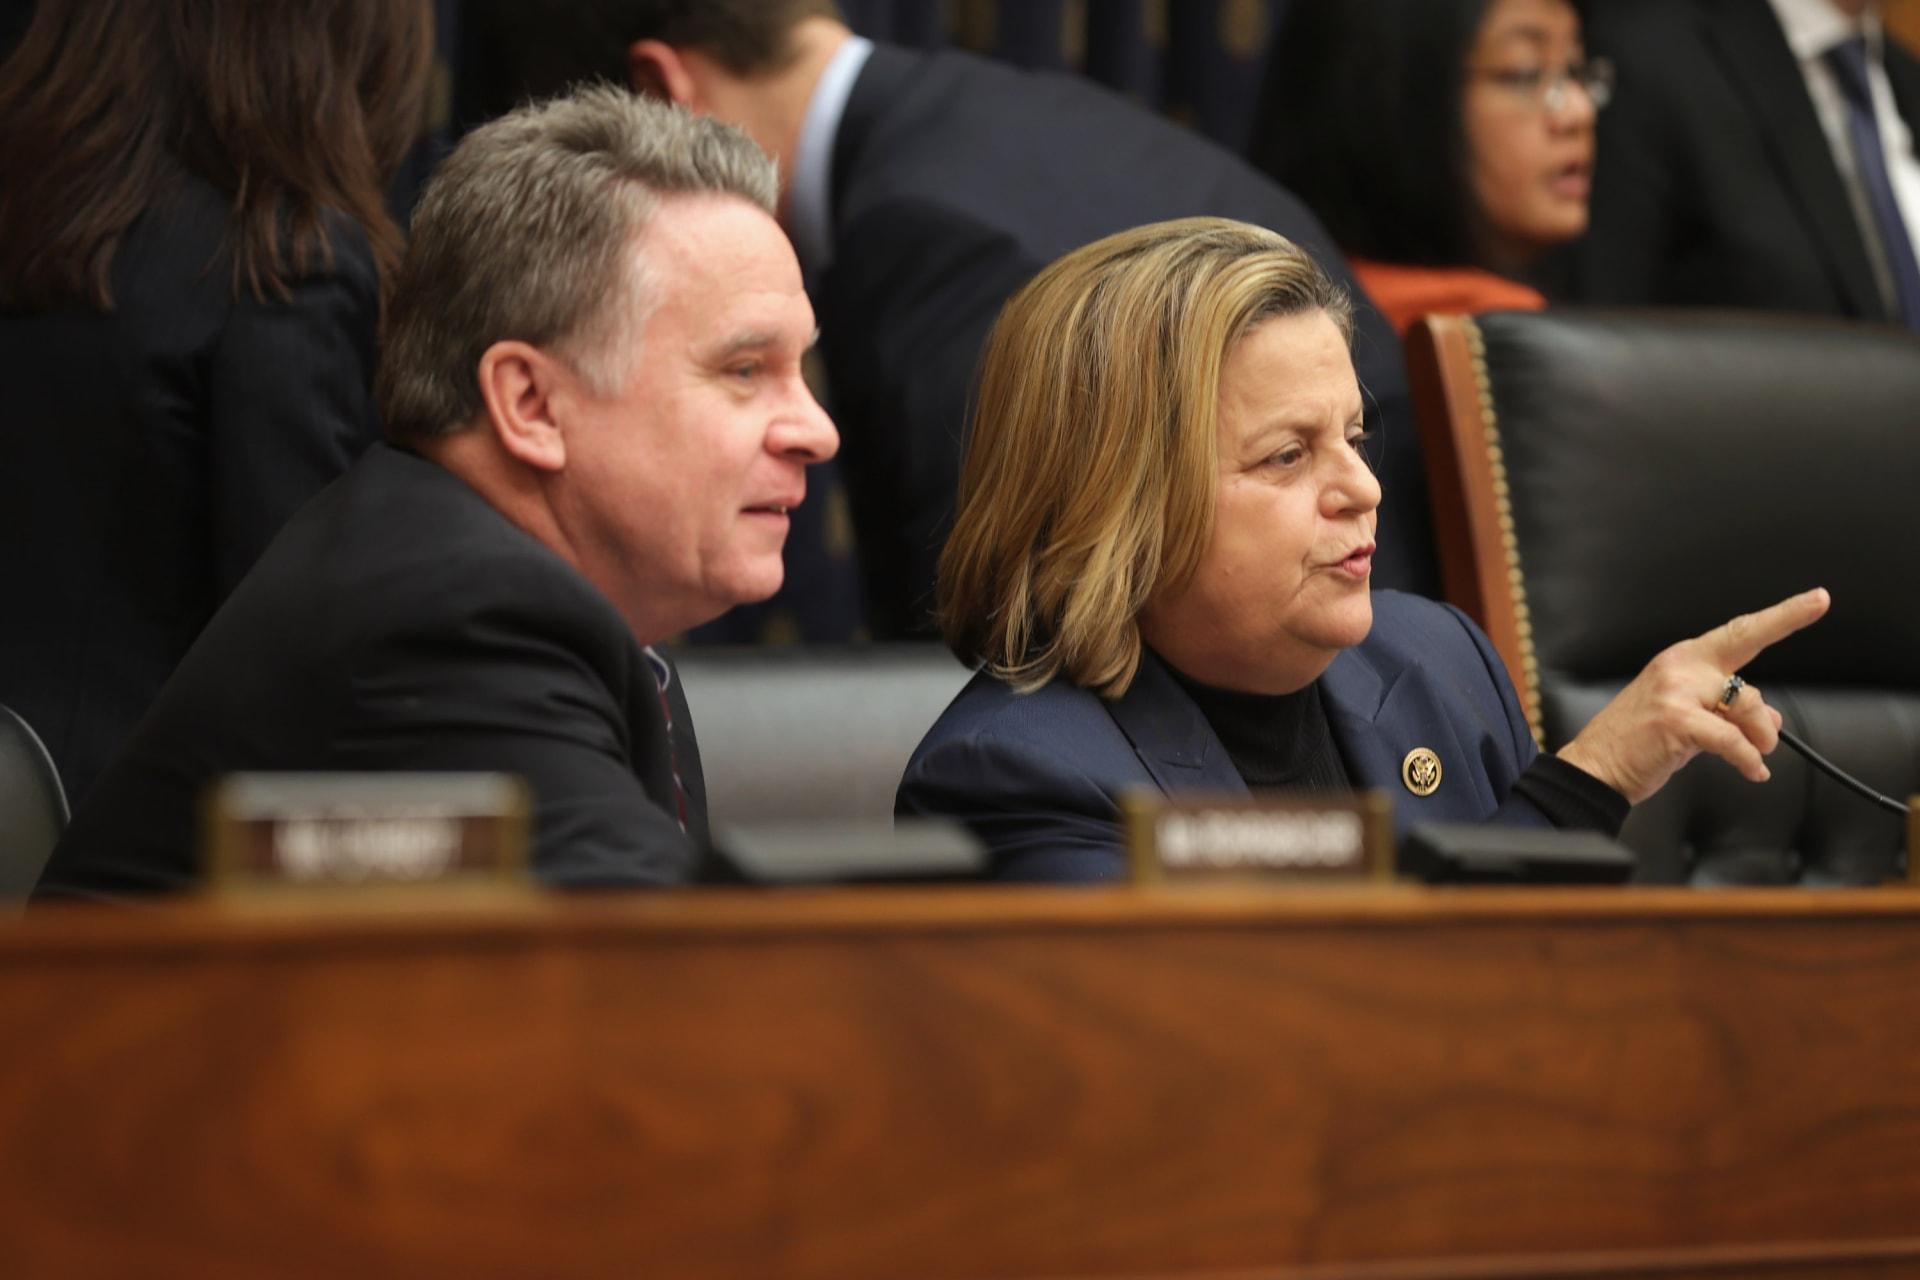 نائب أمريكية لـCNN: أوباما يتصرف بانفصام سياسي في الشرق الأوسط وإيران تعاملنا كأغبياء وتعرض عضلاتها باليمن